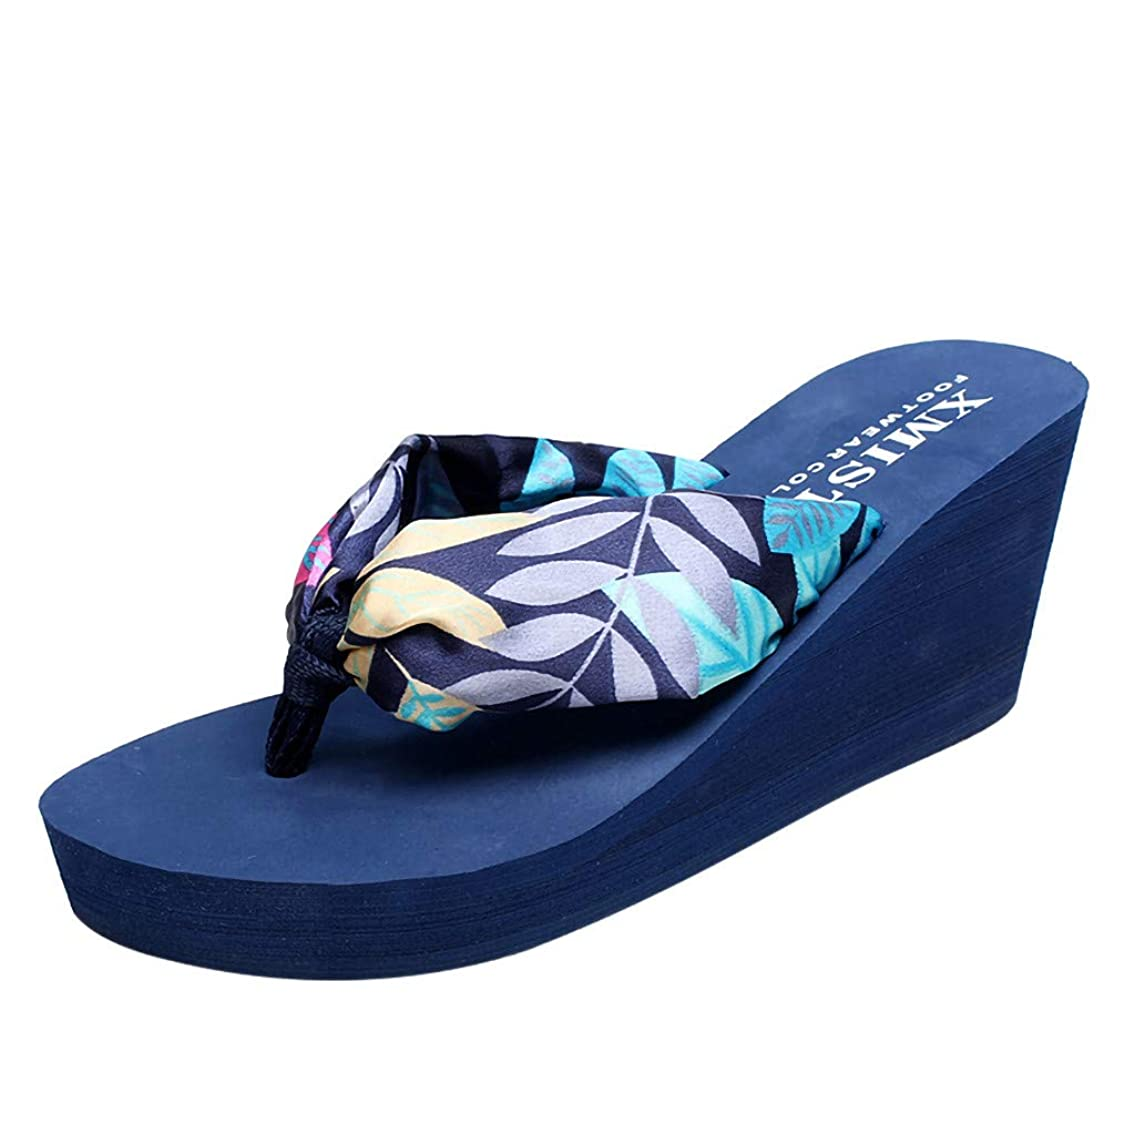 ラップトップ実り多いの配列[Rencaifeinimo] ファッション女性のフリップフロップスリッパウェッジビーチ滑り止めボスミア靴ポストスリッパ